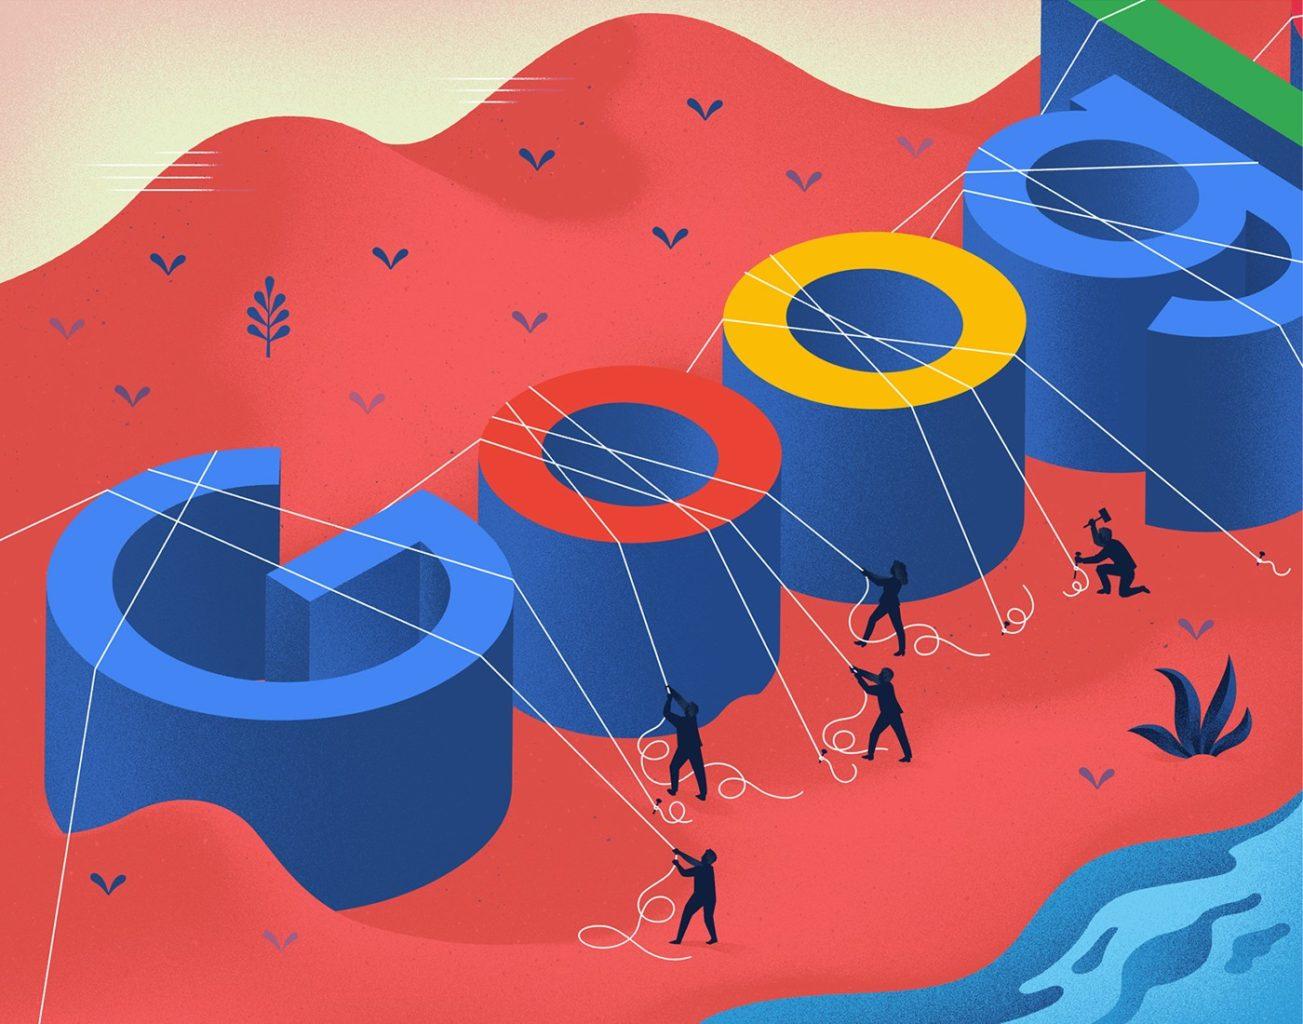 Тысячи сотрудников Google требуют остановить разработку искусственного интеллекта